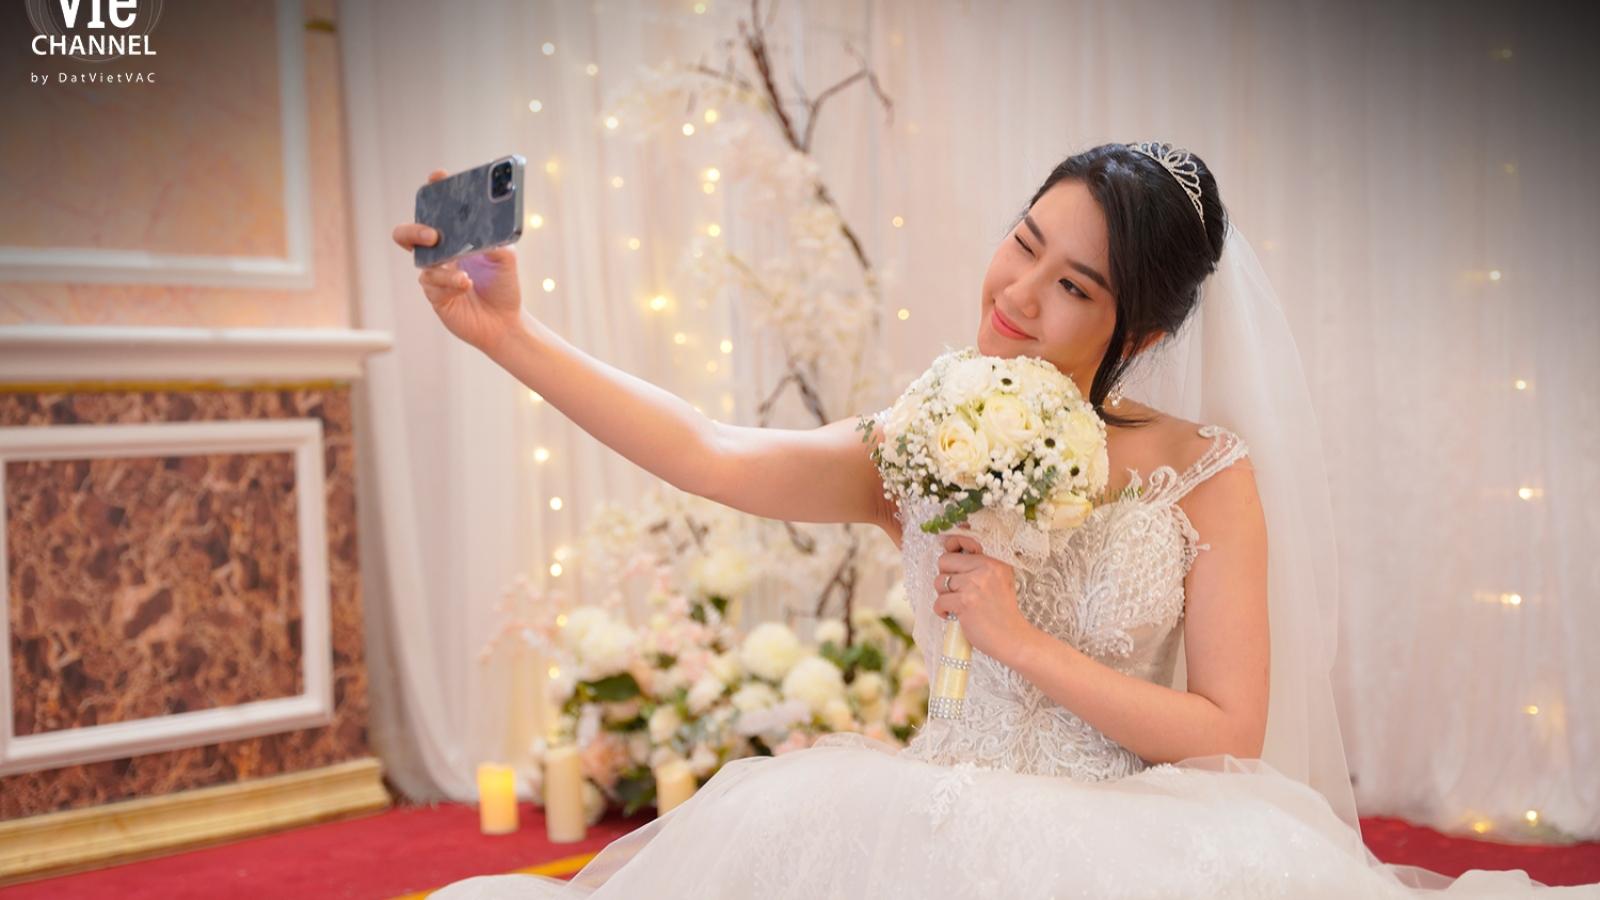 Thúy Ngân muốn lấy chồng khi quay cảnh mặc áo cưới